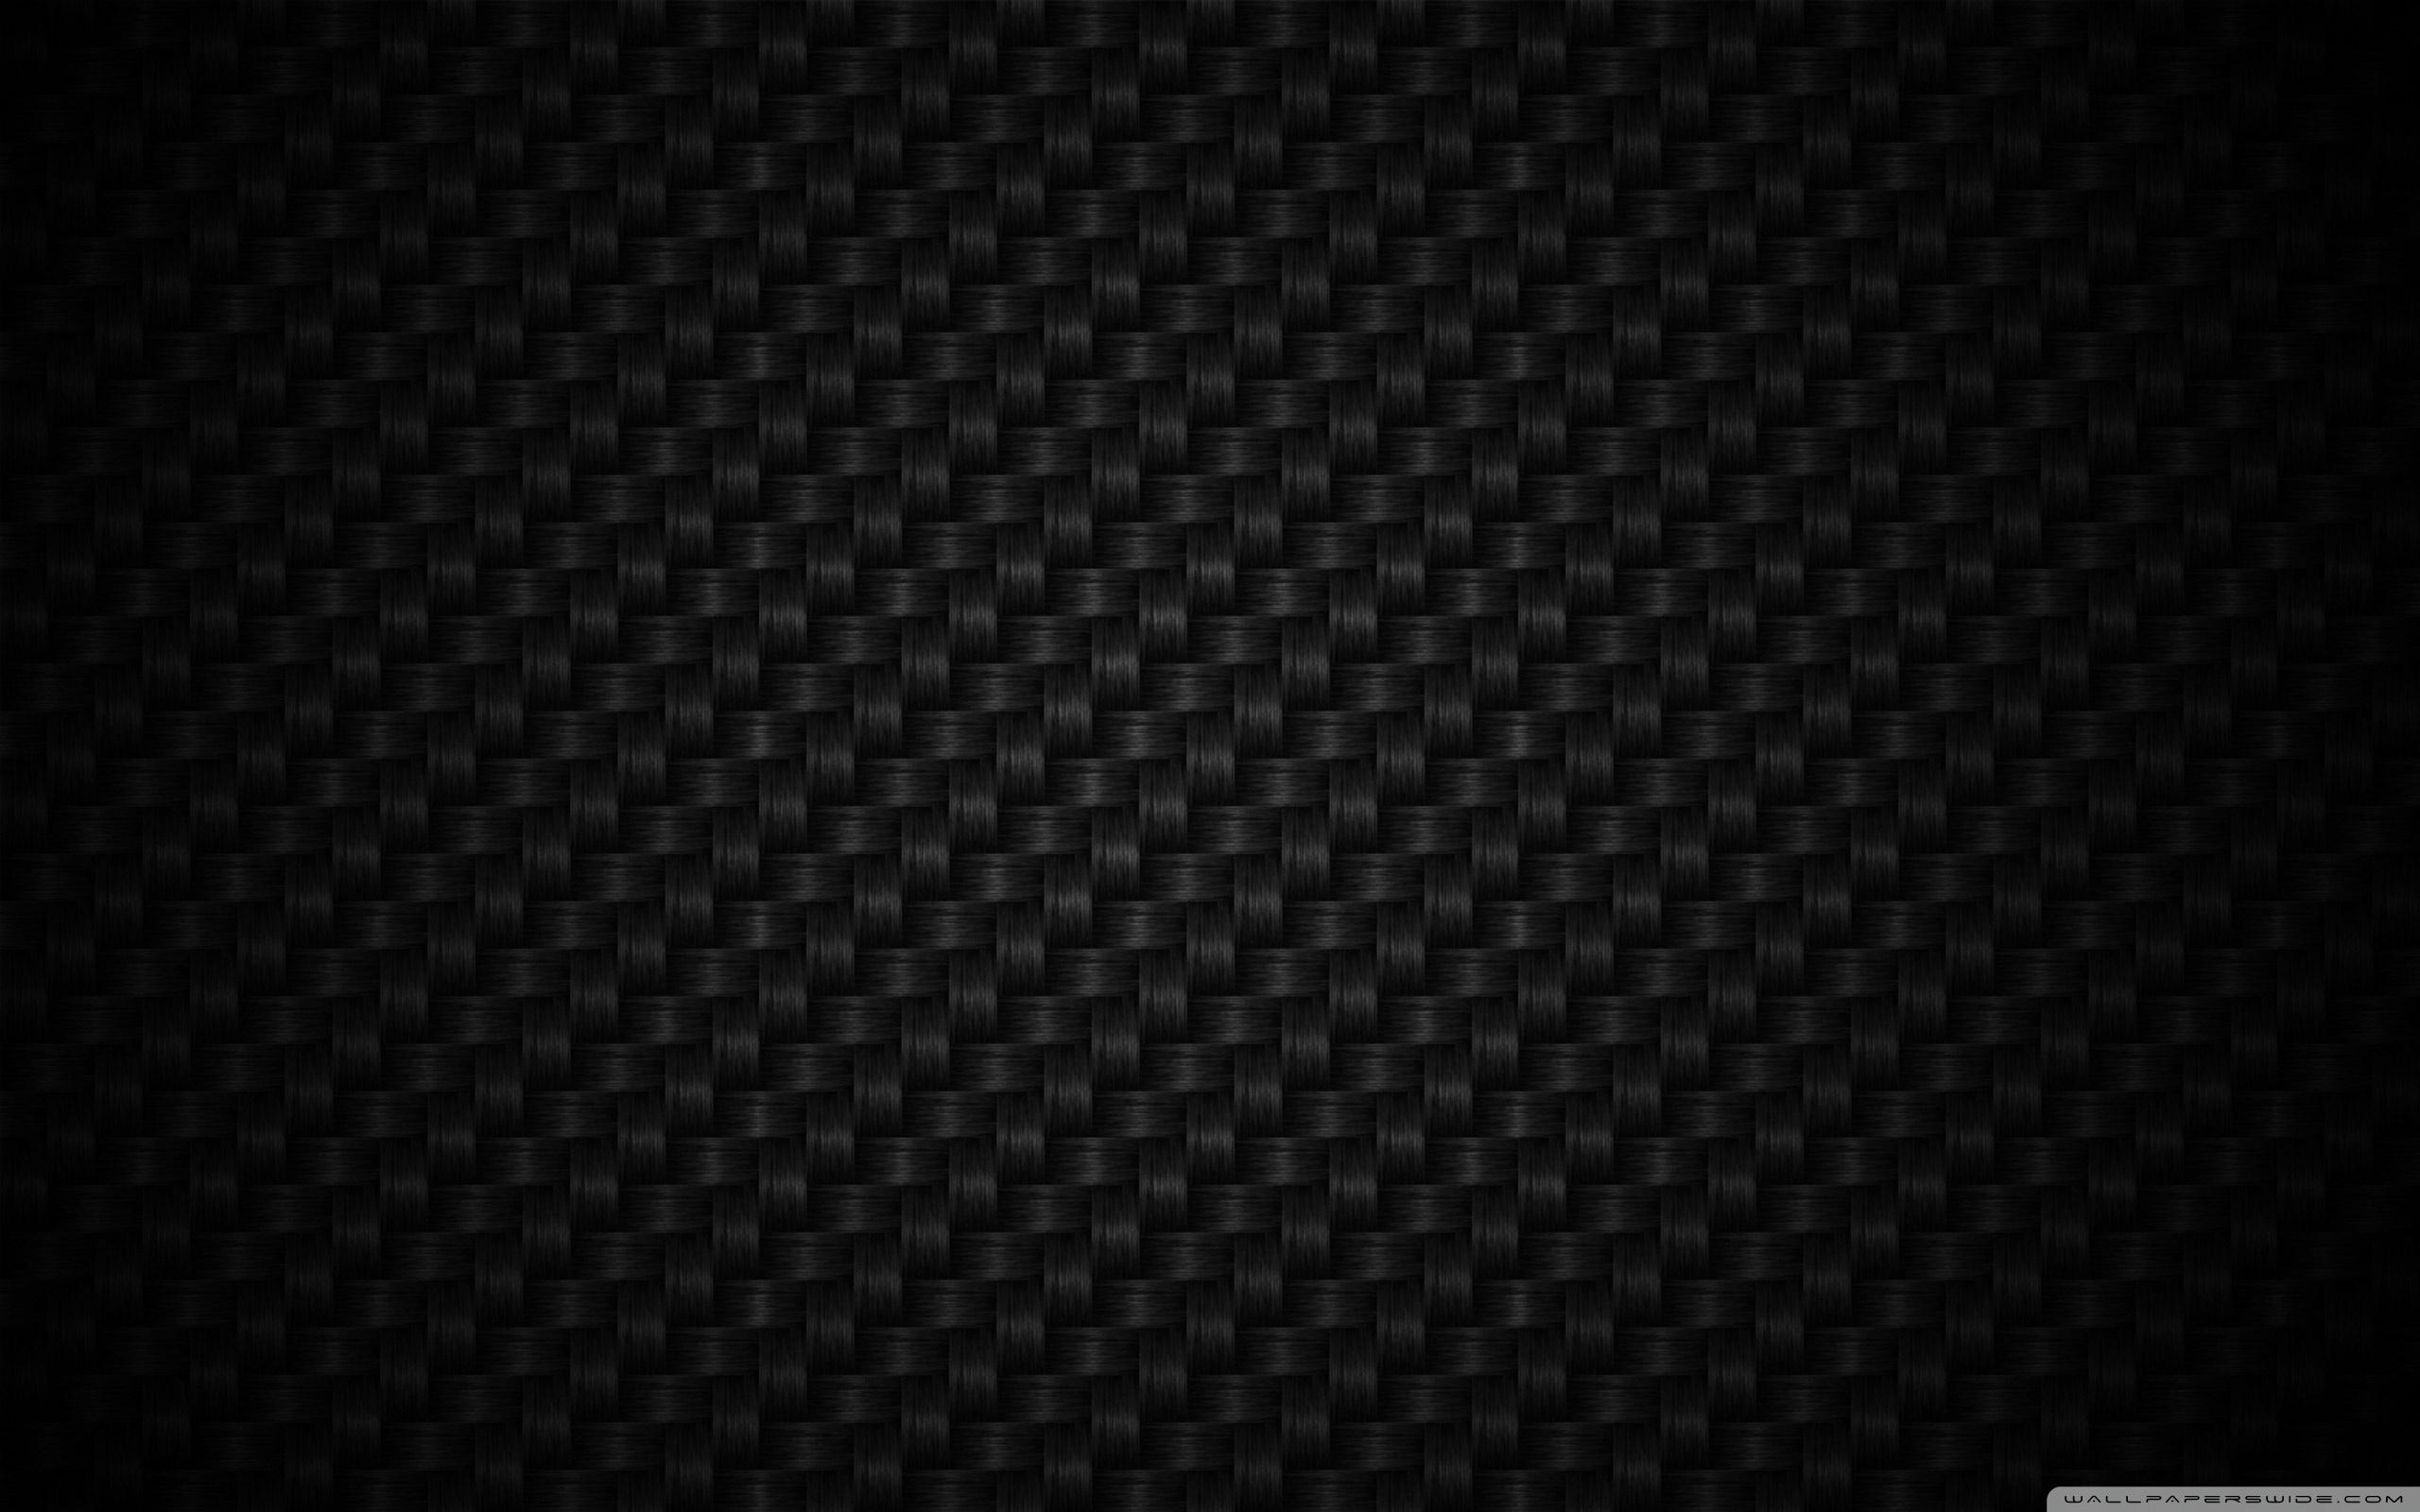 1405162173-dark-noeuds